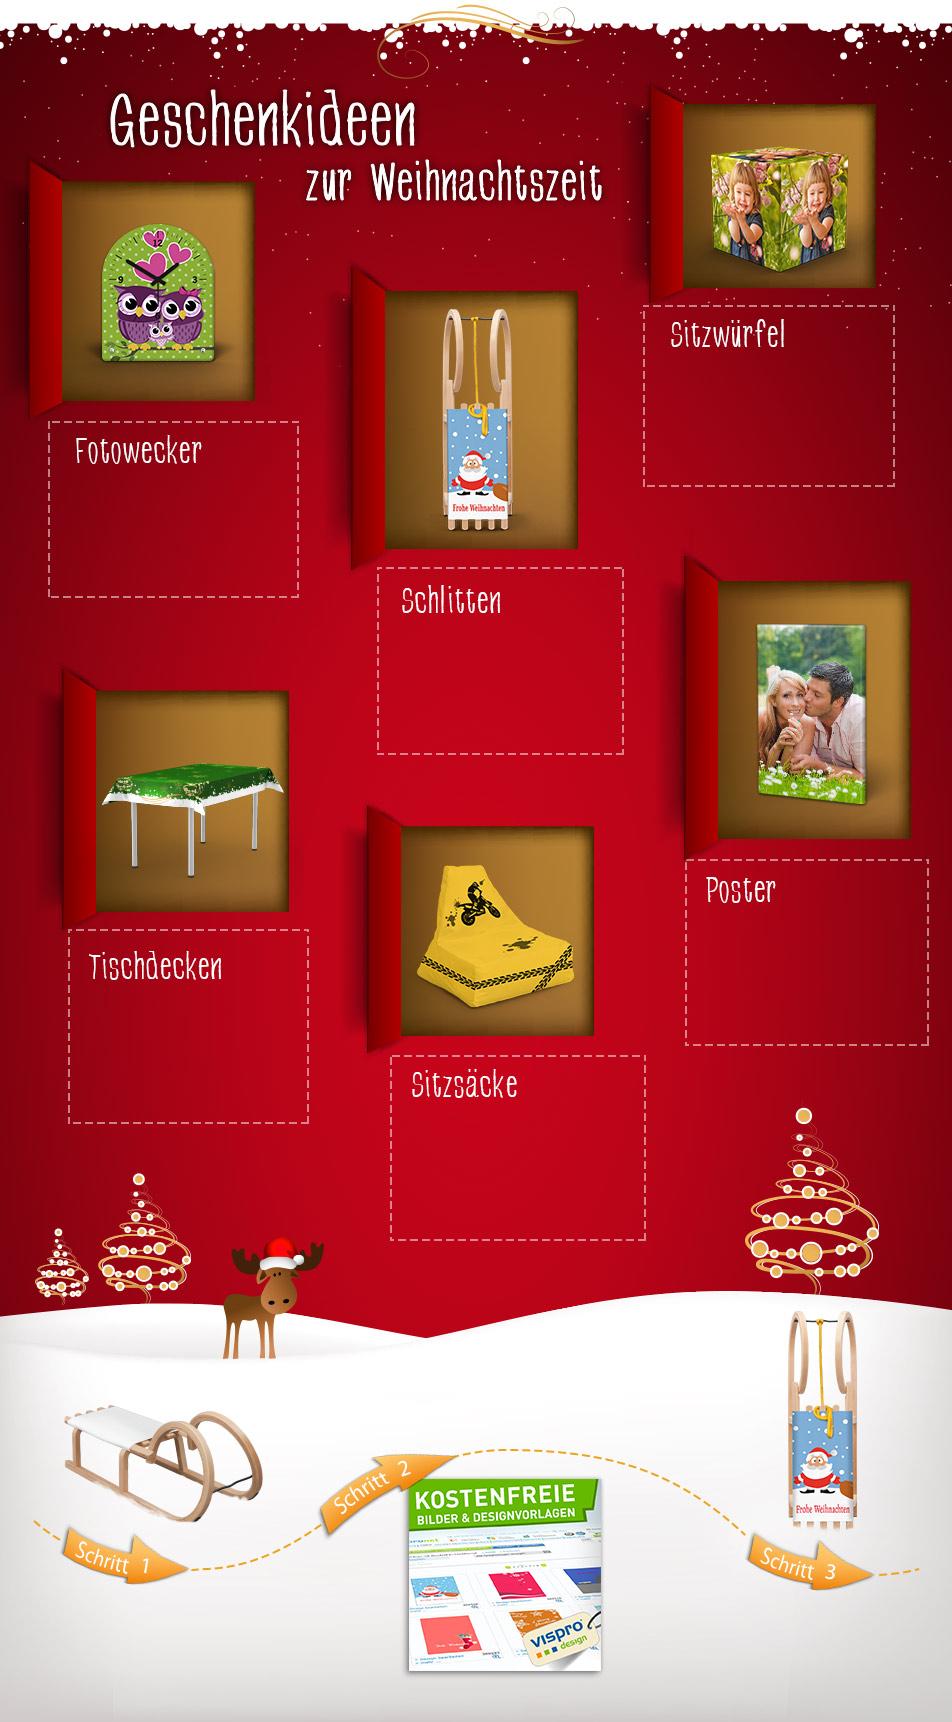 fotogeschenke zur weihnachtszeit ihr foto als geschenk. Black Bedroom Furniture Sets. Home Design Ideas